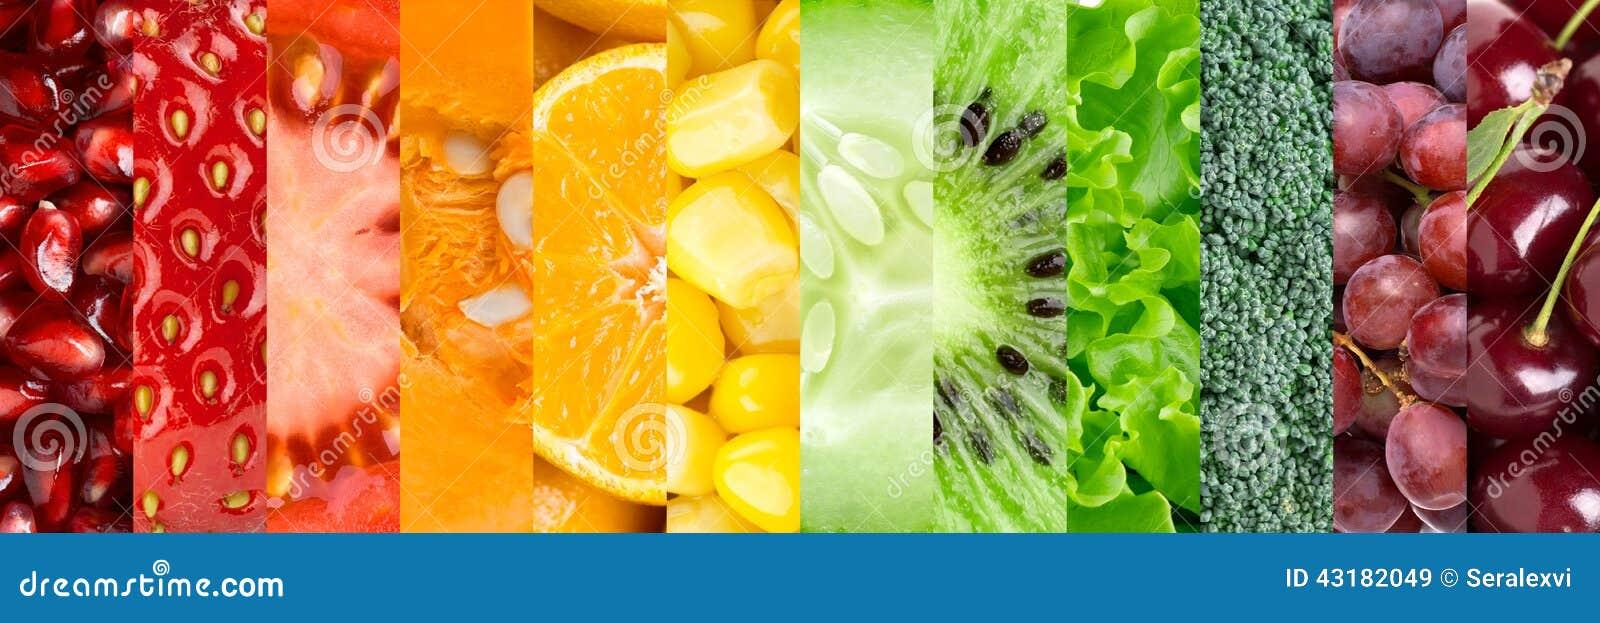 Inzameling met verschillende vruchten en groenten